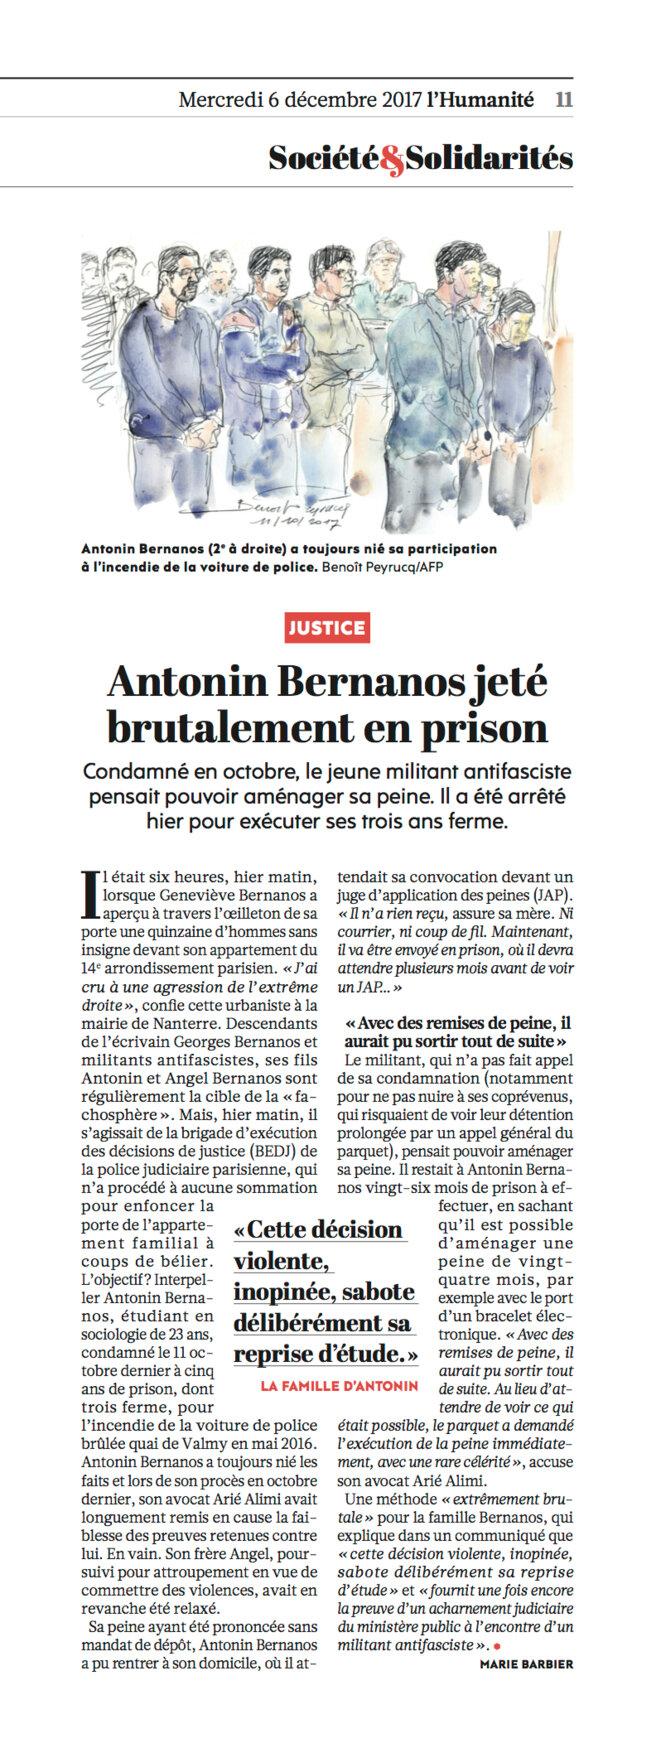 Article de L'Humanité du 6 décembre 2017 - Antonin jeté brutalement en prison